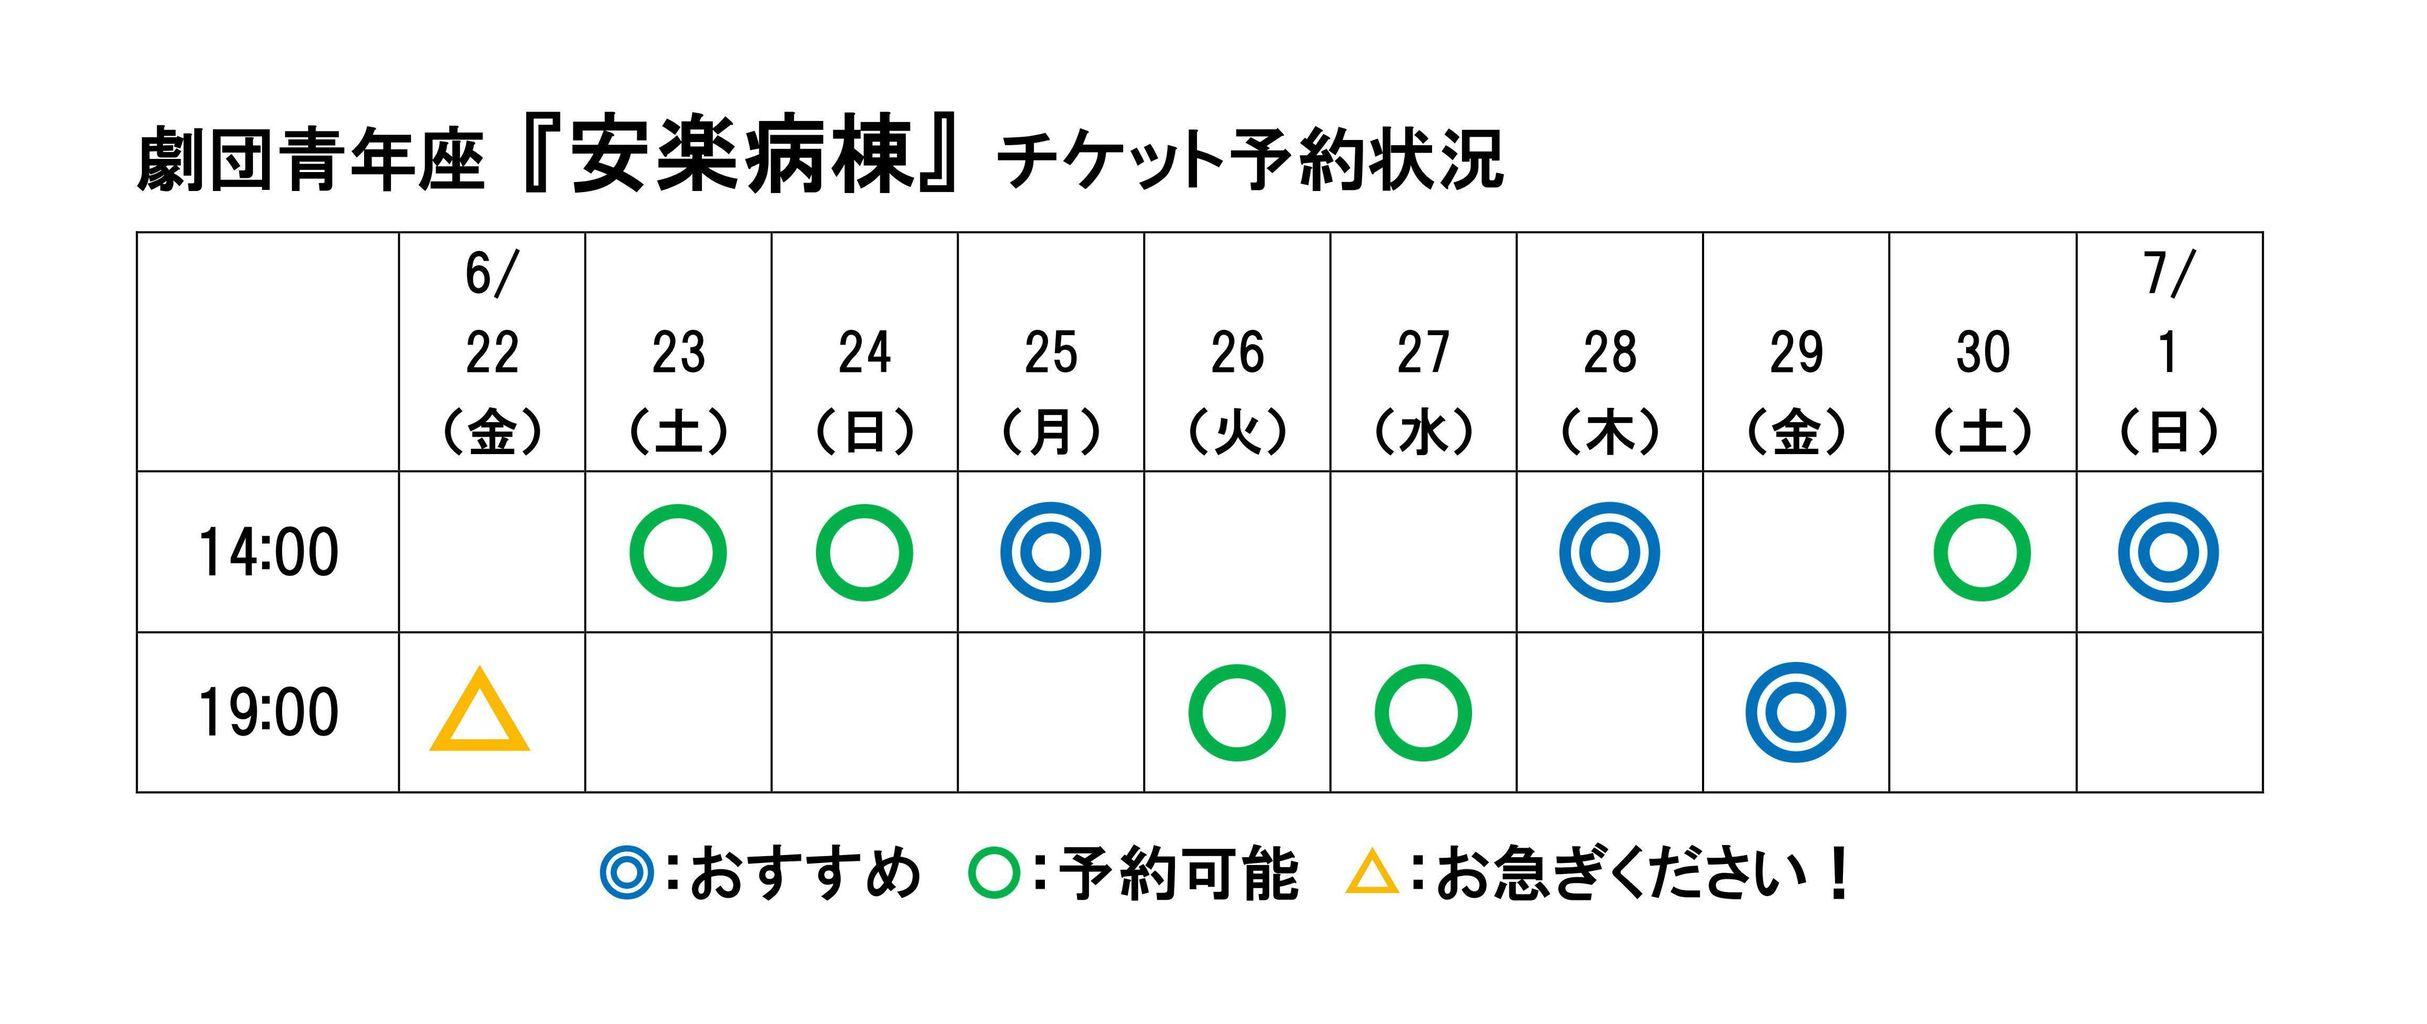 チケット状況6